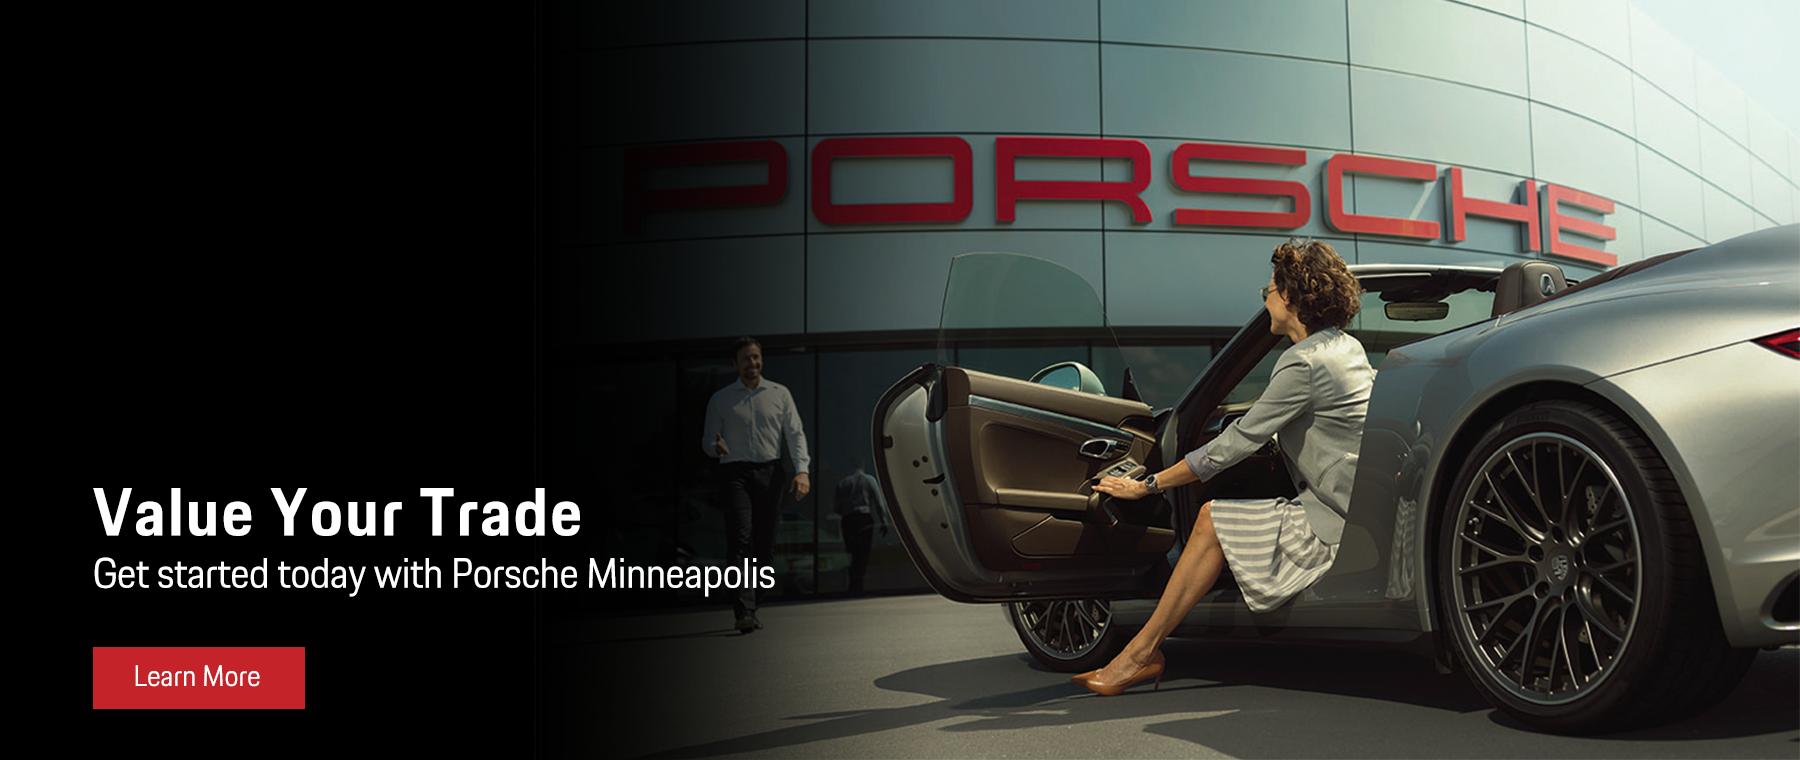 Value Your Trade at Porsche Minneapolis